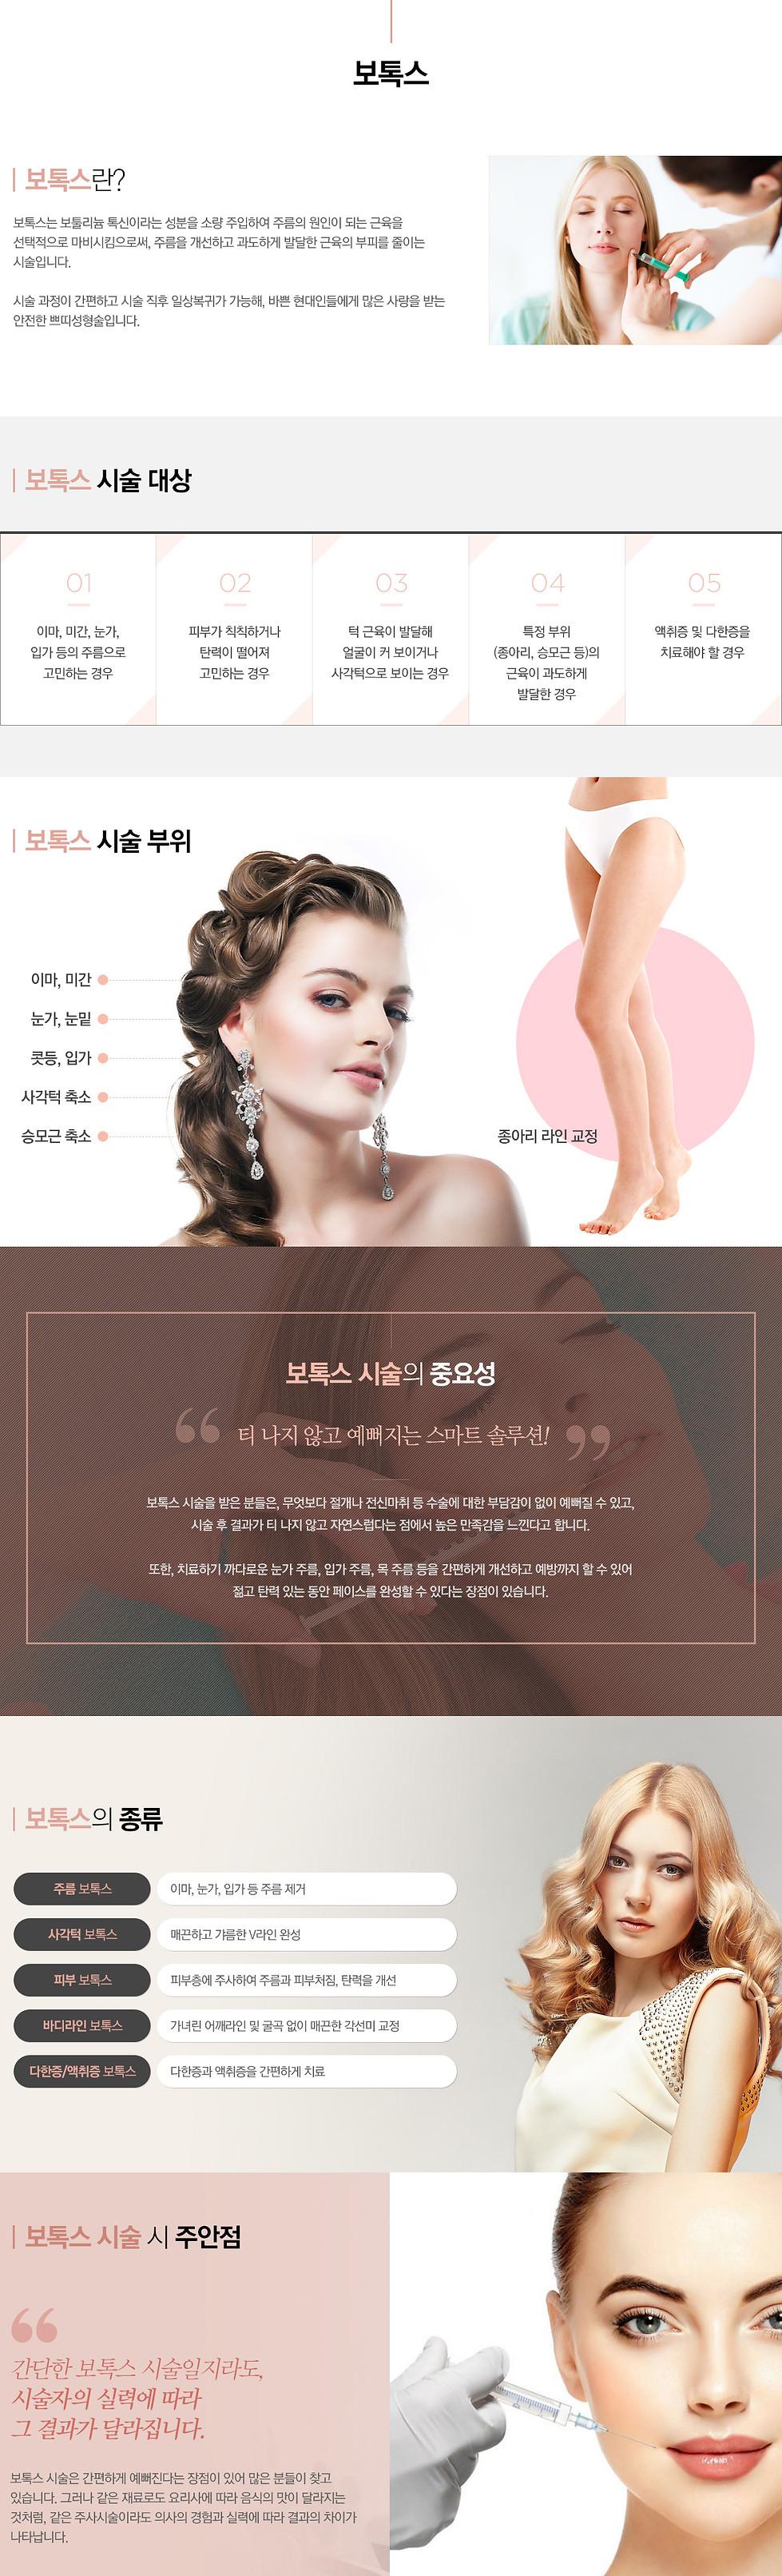 사본 -쁘띠_보톡스.jpg